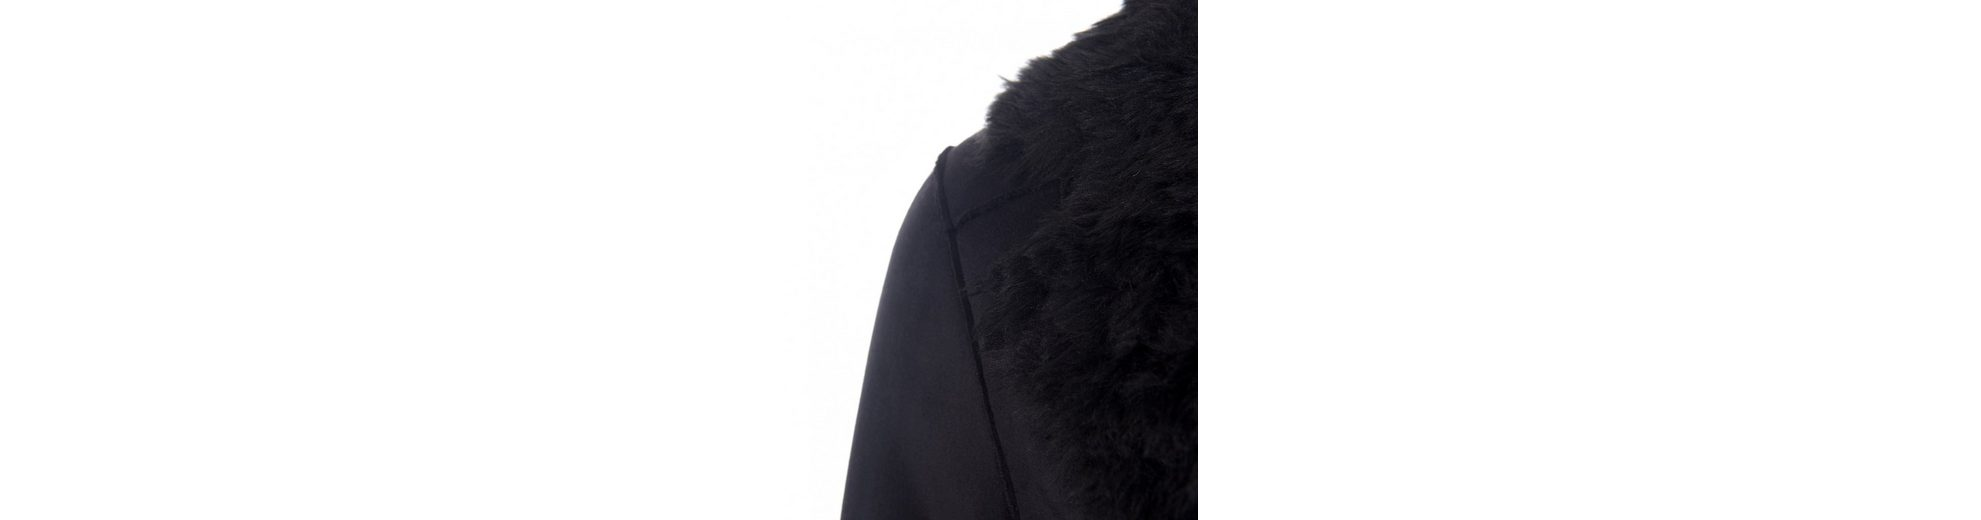 JCC Textilmantel mit Kunstfell C-12-13-Barbarea Neu Discounter Standorten Günstig Kaufen Neuester Günstiger Preis xm05Vi